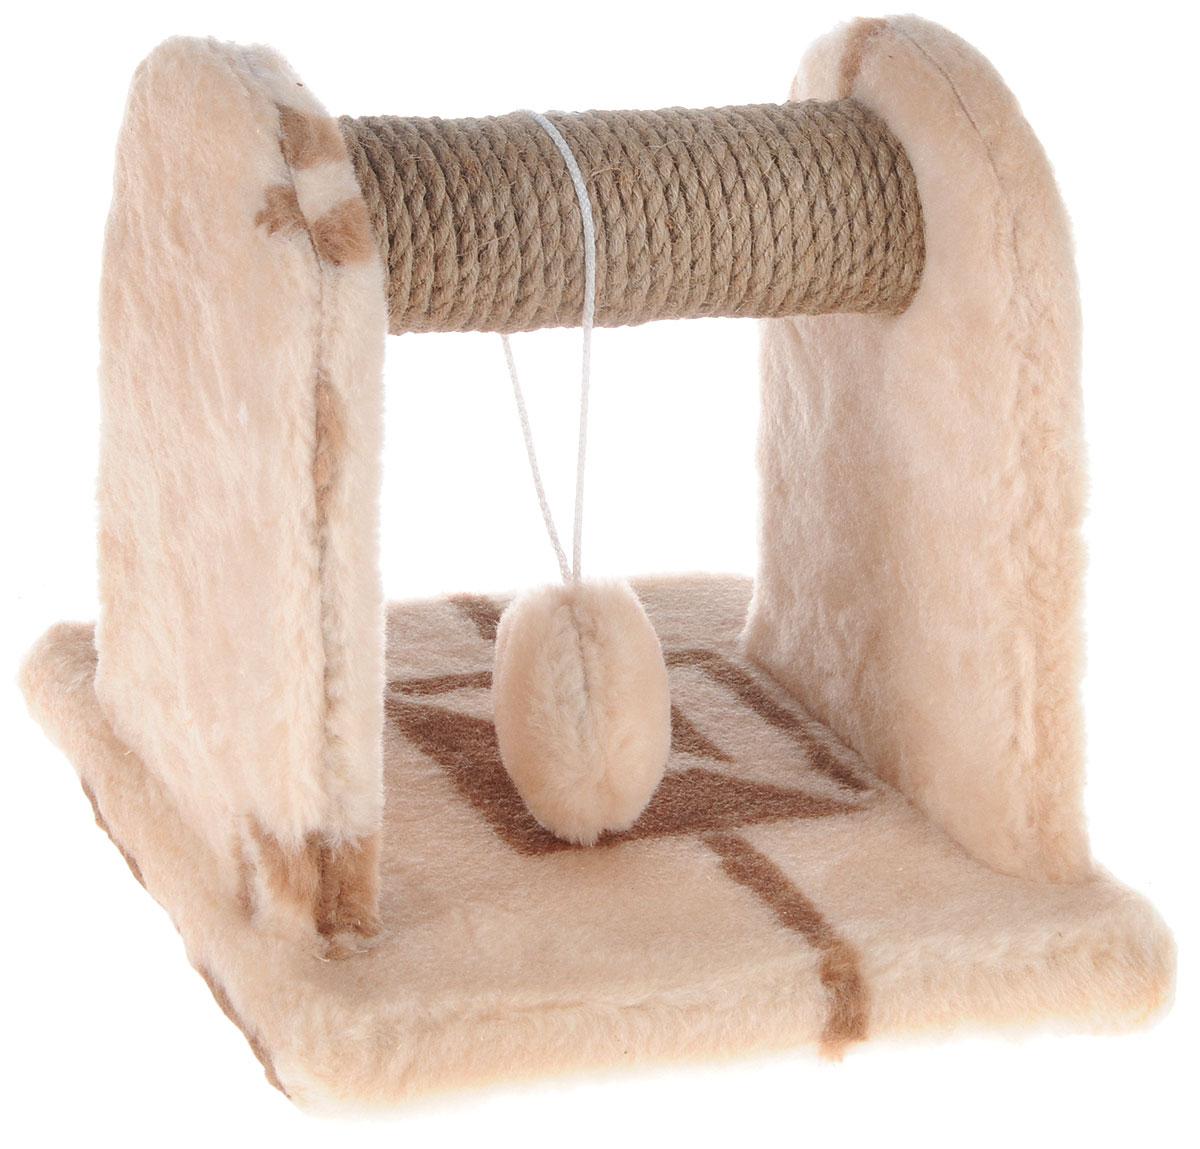 Когтеточка для котят Меридиан, с игрушкой, цвет: бежевый, коричневый, 26 х 26 х 26 смК701ГКогтеточка Меридиан предназначена для стачивания когтей вашего котенка и предотвращения их врастания. Она выполнена из ДВП, ДСП и обтянута искусственным мехом. Точатся когти о накладку из джута. Когтеточка оснащена подвесной игрушкой, привлекающей внимание котенка.Когтеточка позволяет сохранить неповрежденными мебель и другие предметы интерьера.